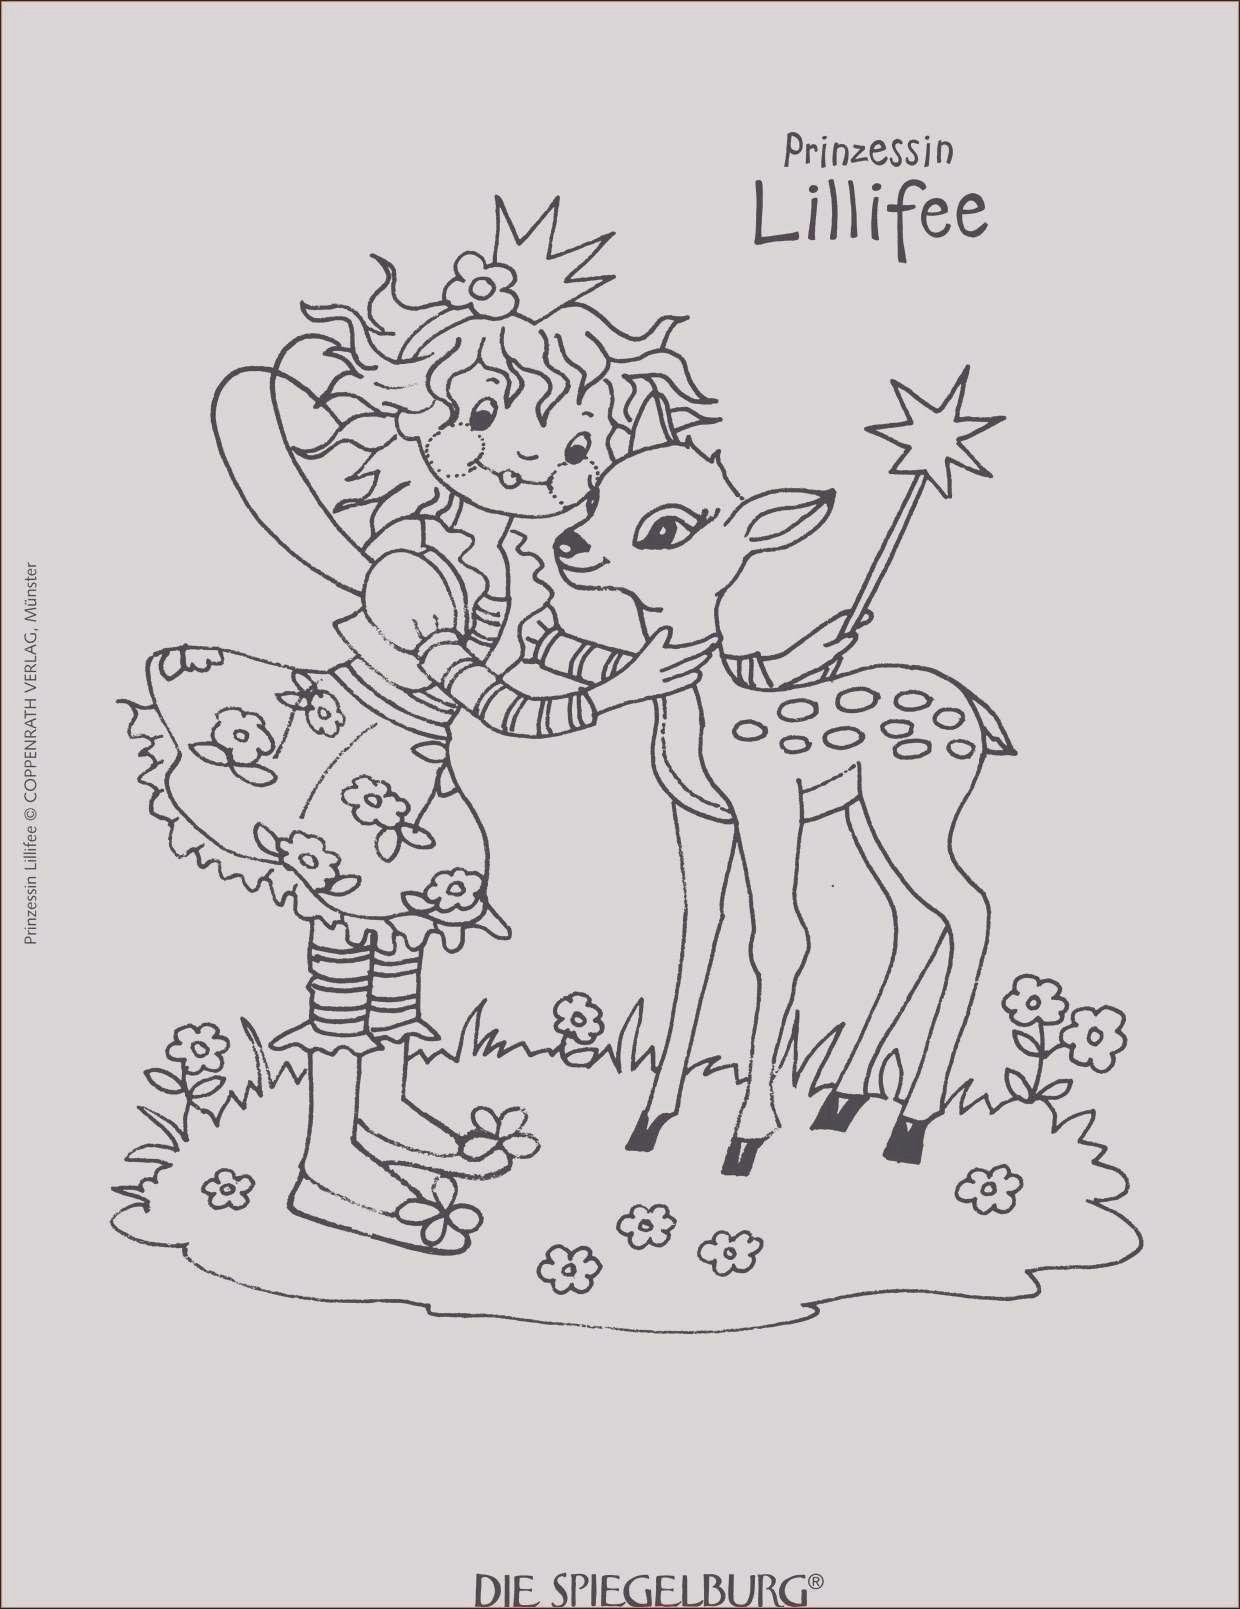 Einzigartig Malvorlagen Grundschule Gratis  Lillifee ausmalbild